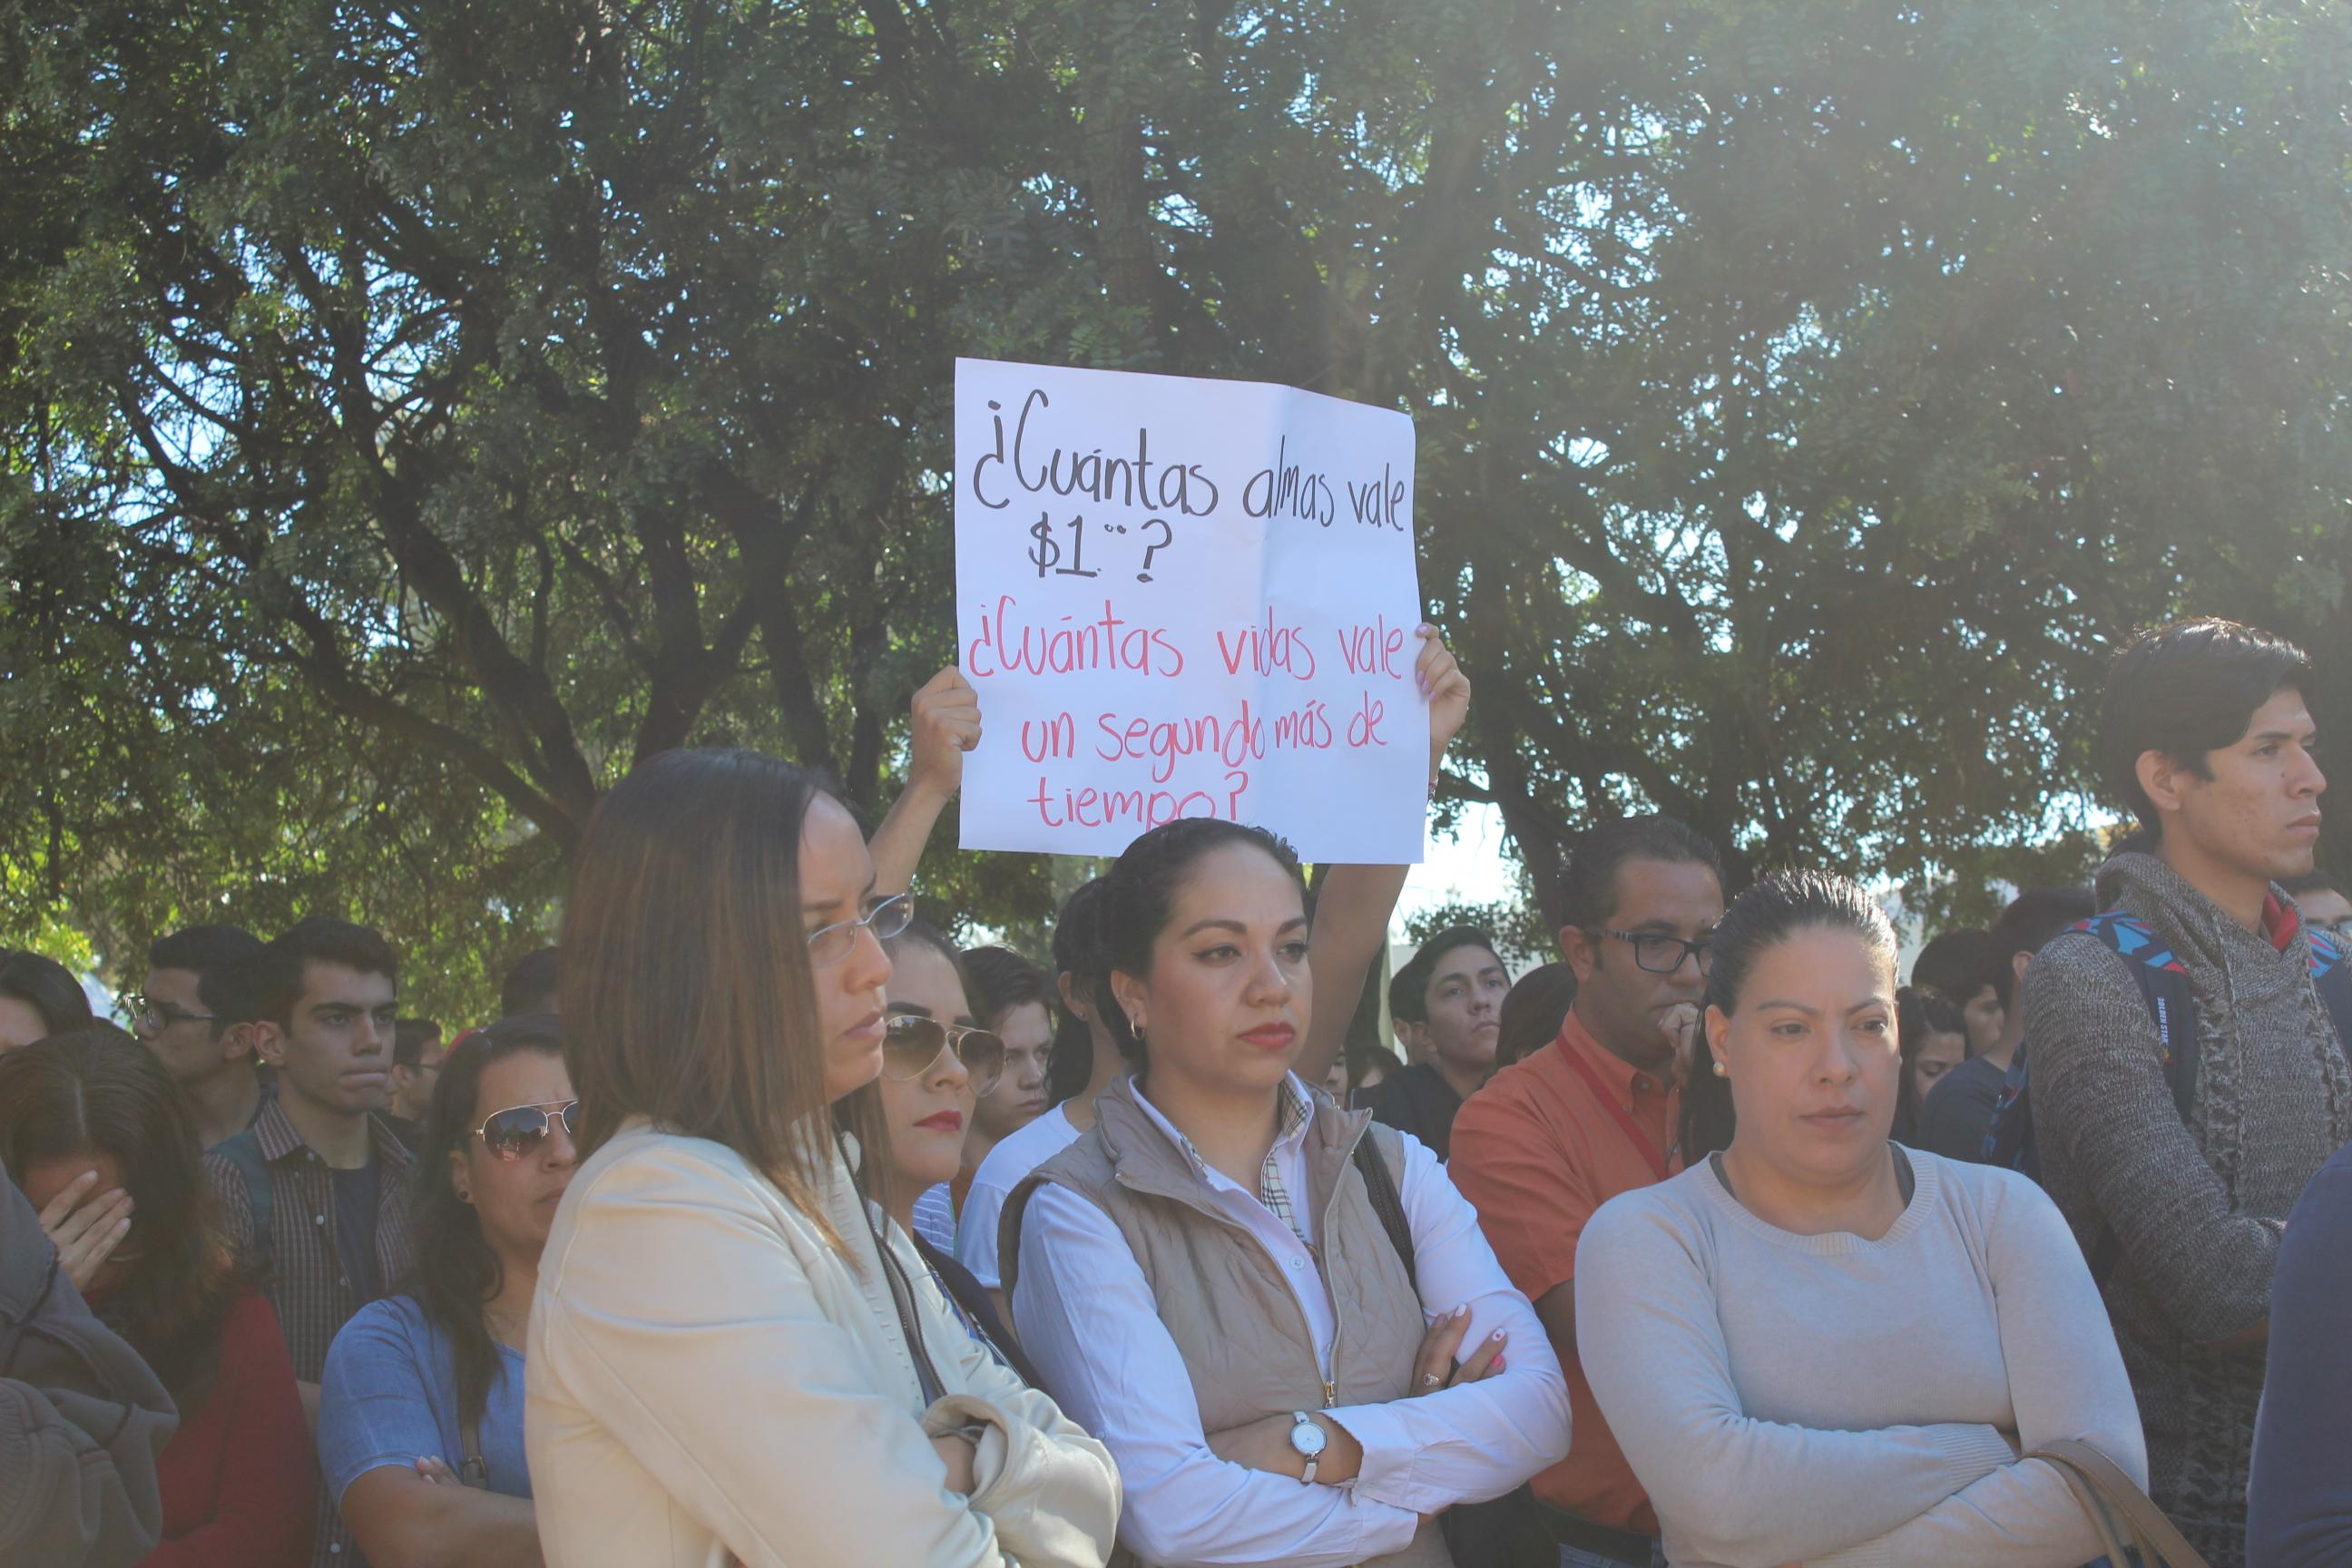 Estudiante con una pancarta